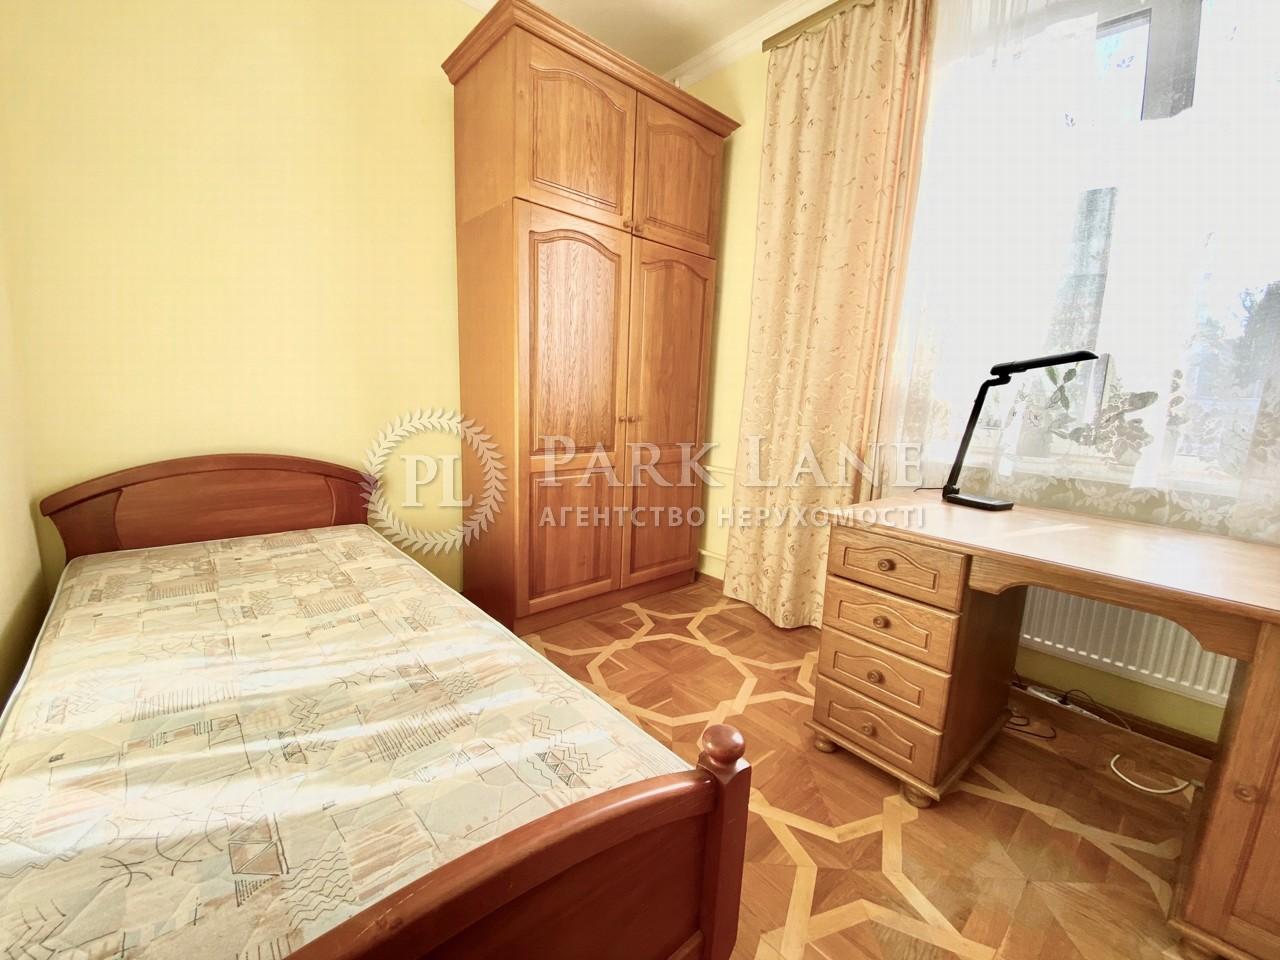 Квартира ул. Героев Обороны, 7, Киев, R-33108 - Фото 14